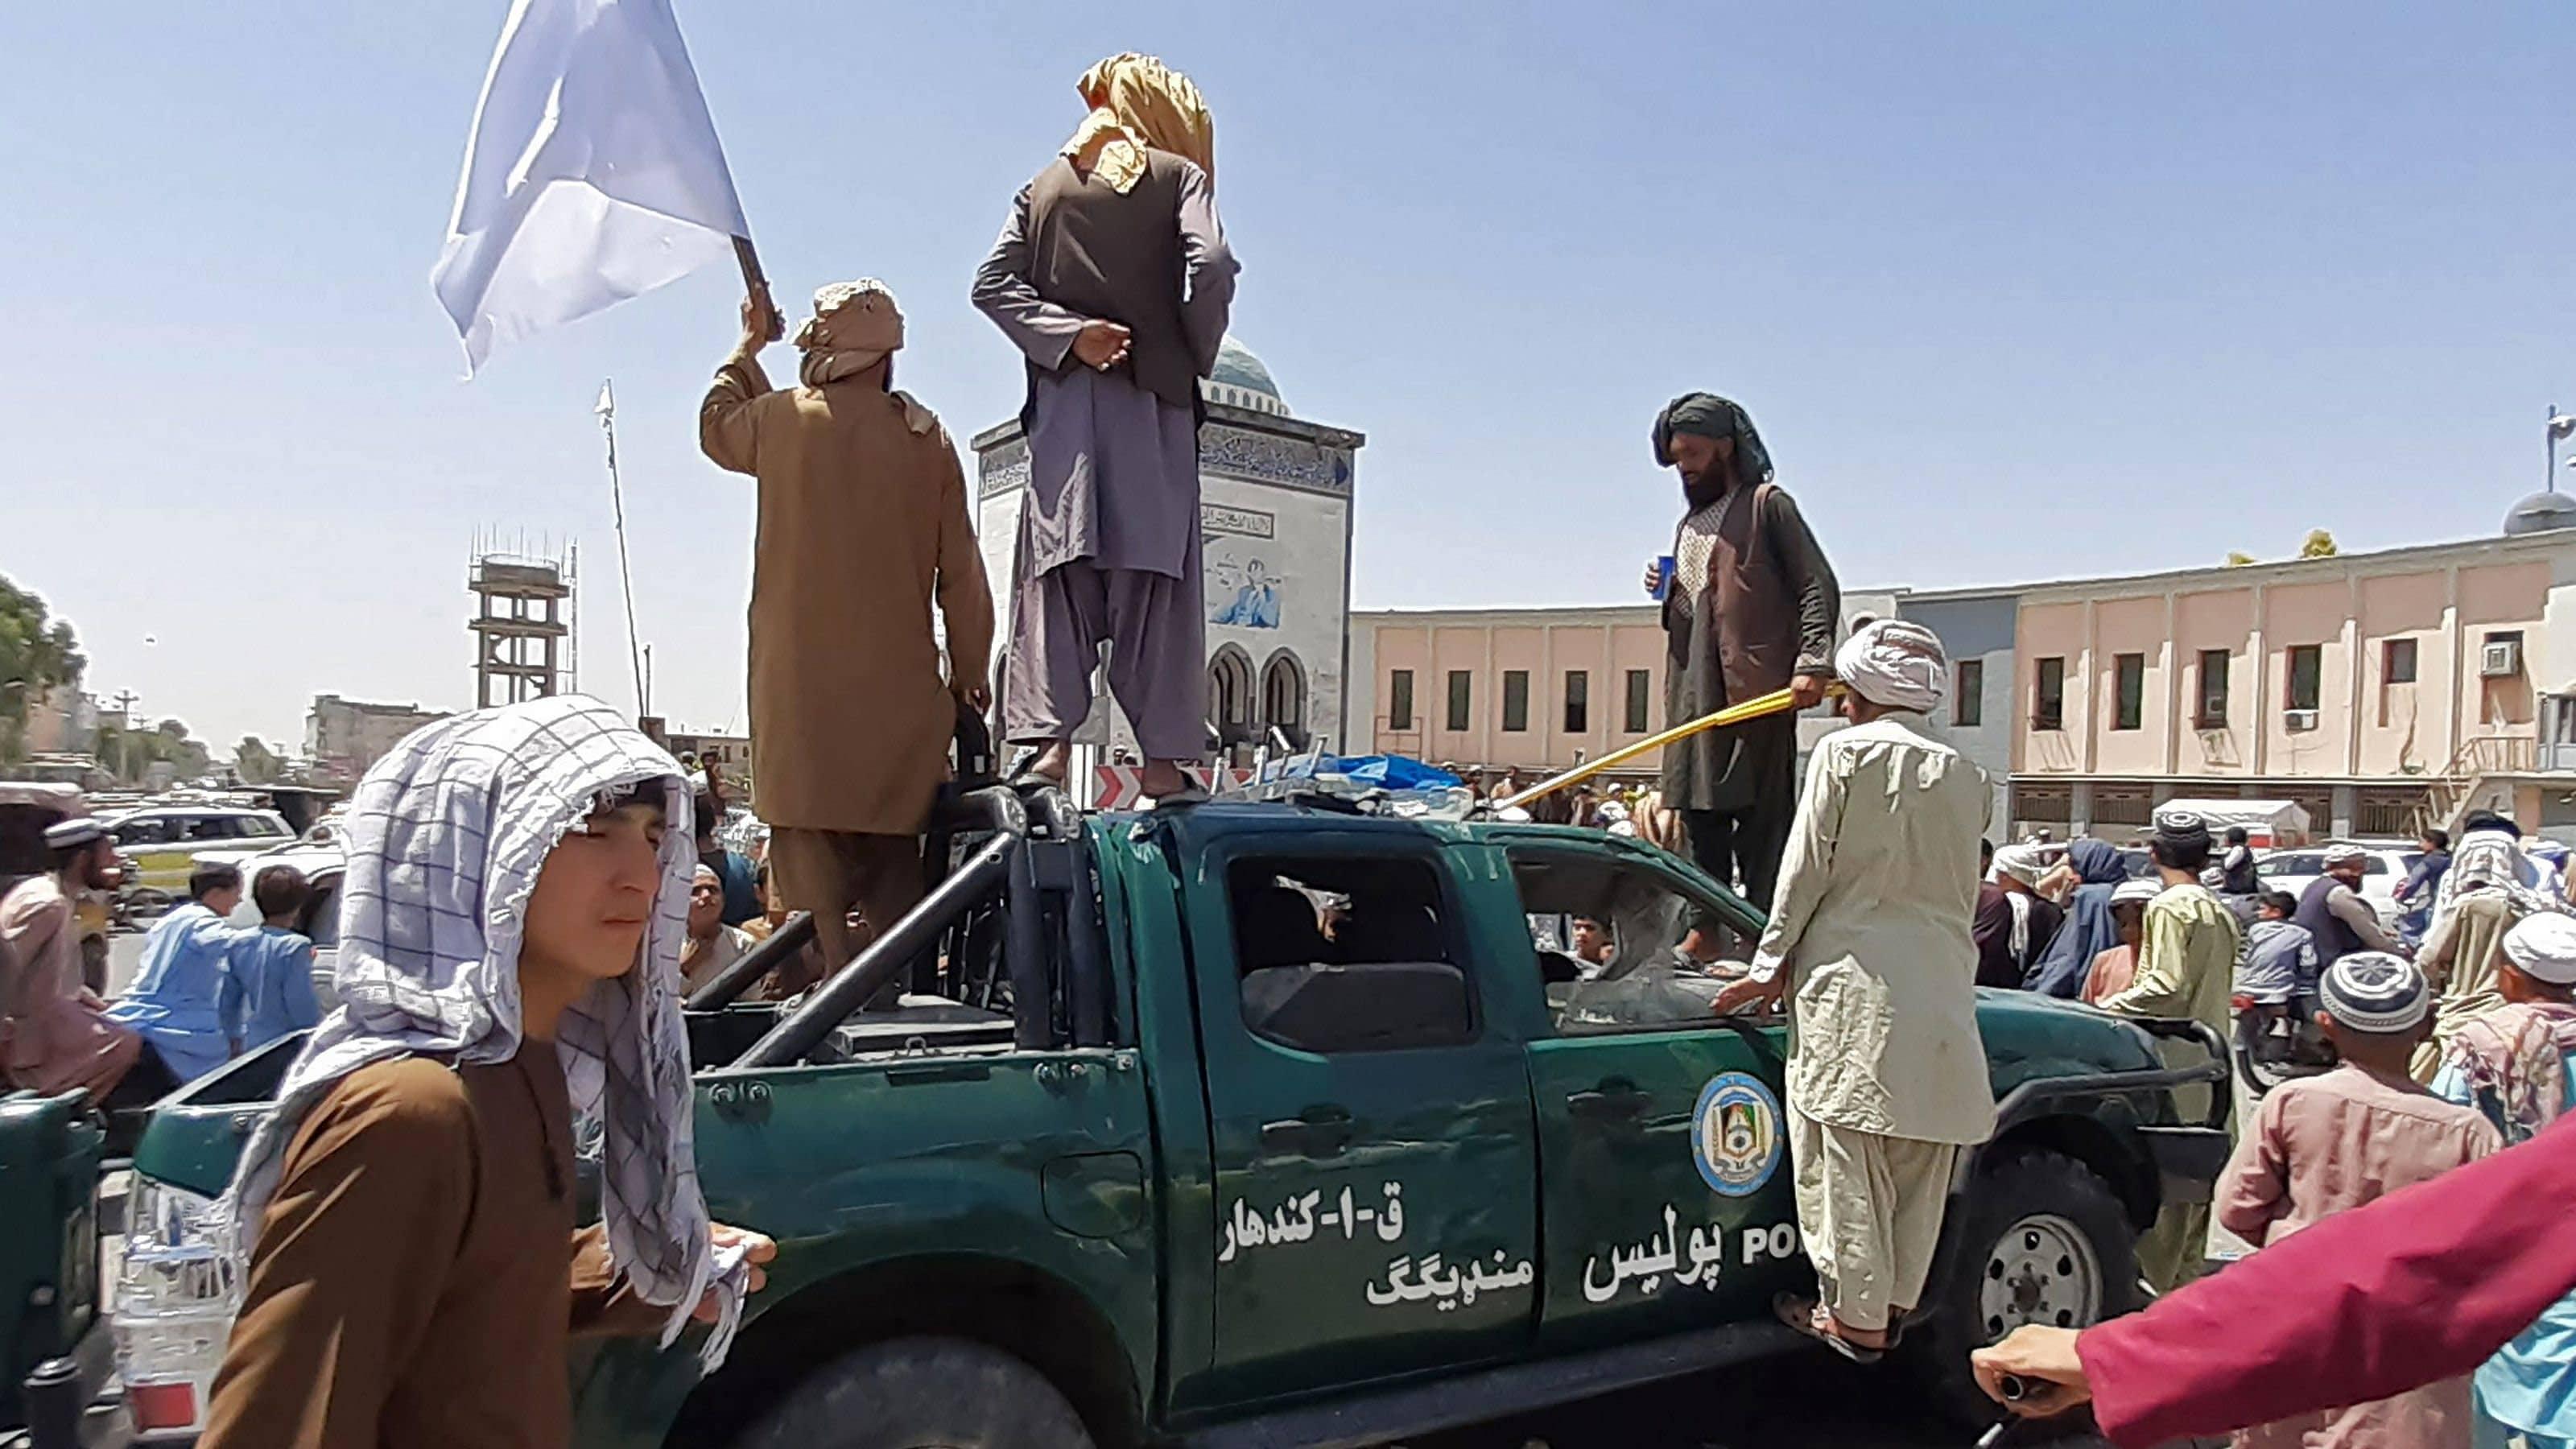 Taliban-taistelijat seisovat vaurioituneen poliisiauton päällä.